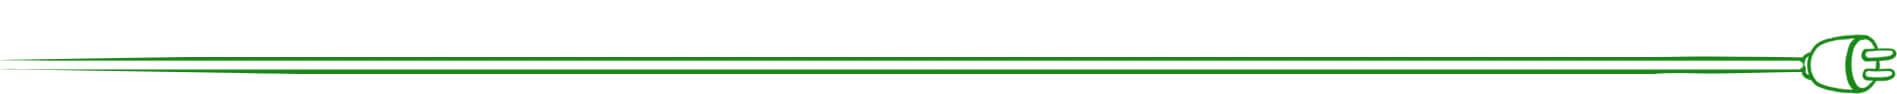 Stromanbieter Vergleich - Kapiteltrenner grünes Stromkabel unten